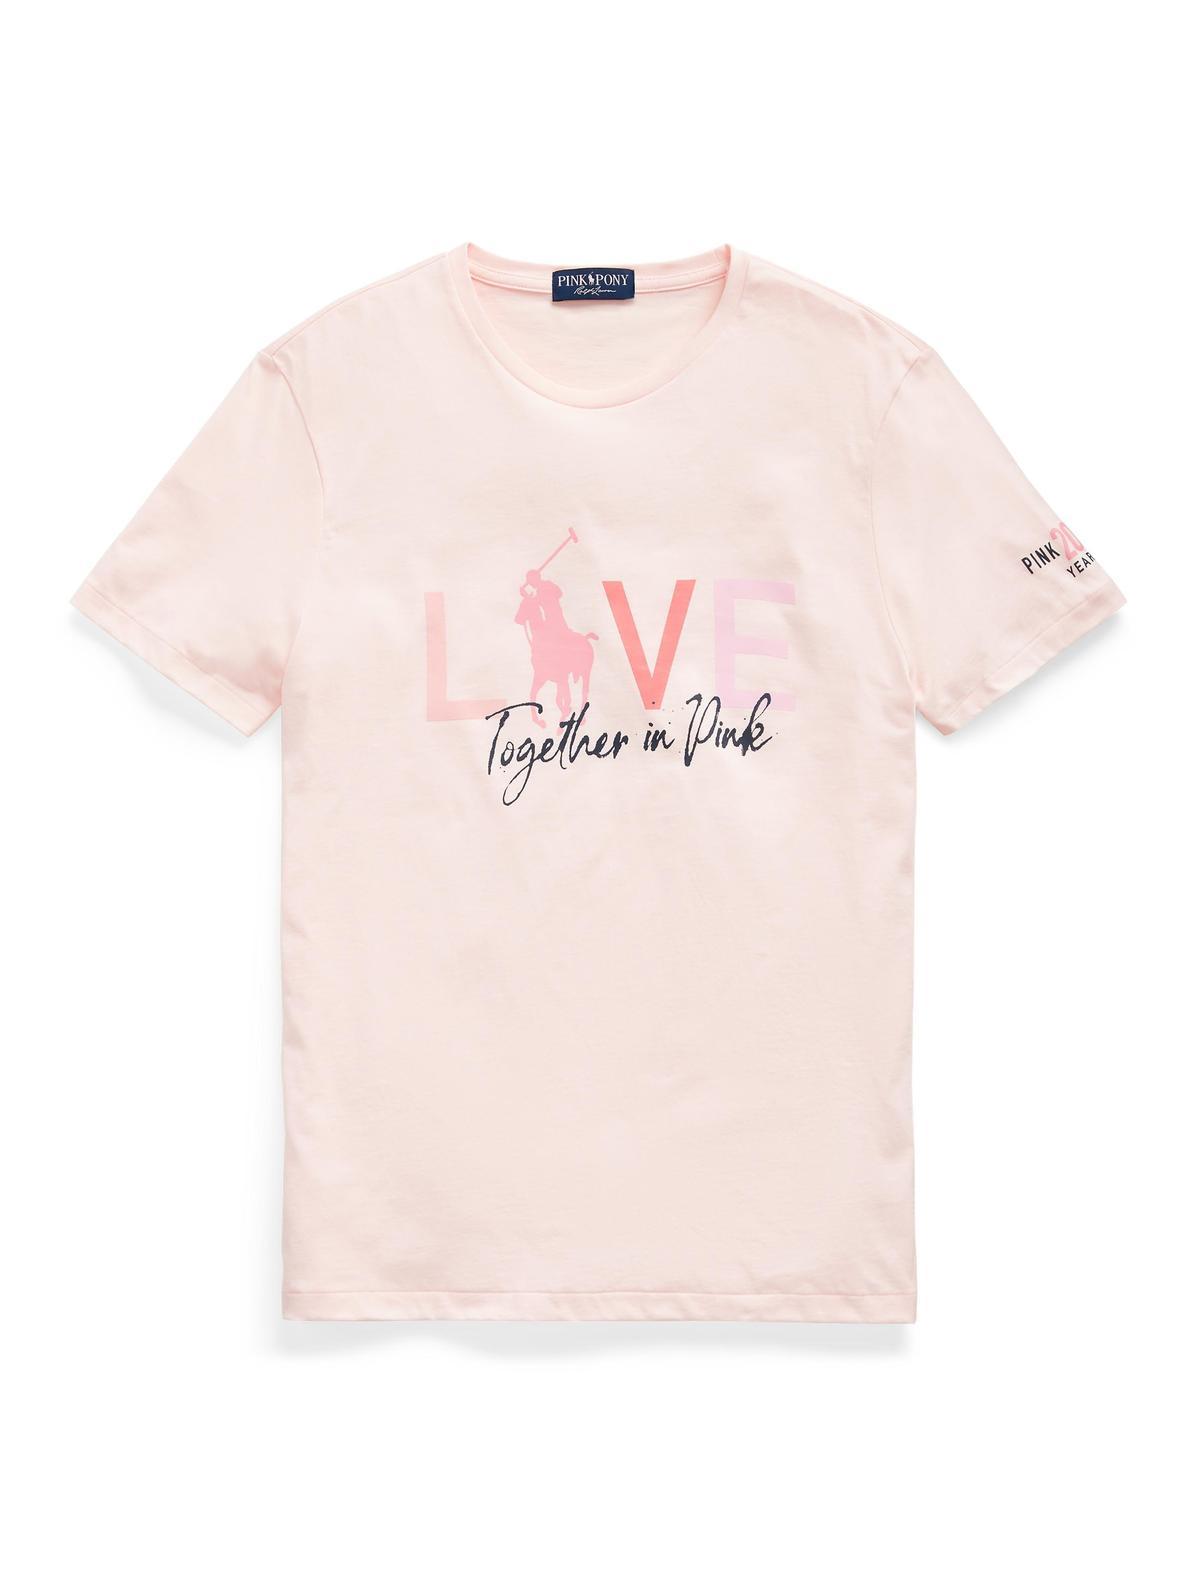 男女同款的粉色T-Shirt是100% 收益都將捐贈,NT$3,280。(Ralph Lauren提供)